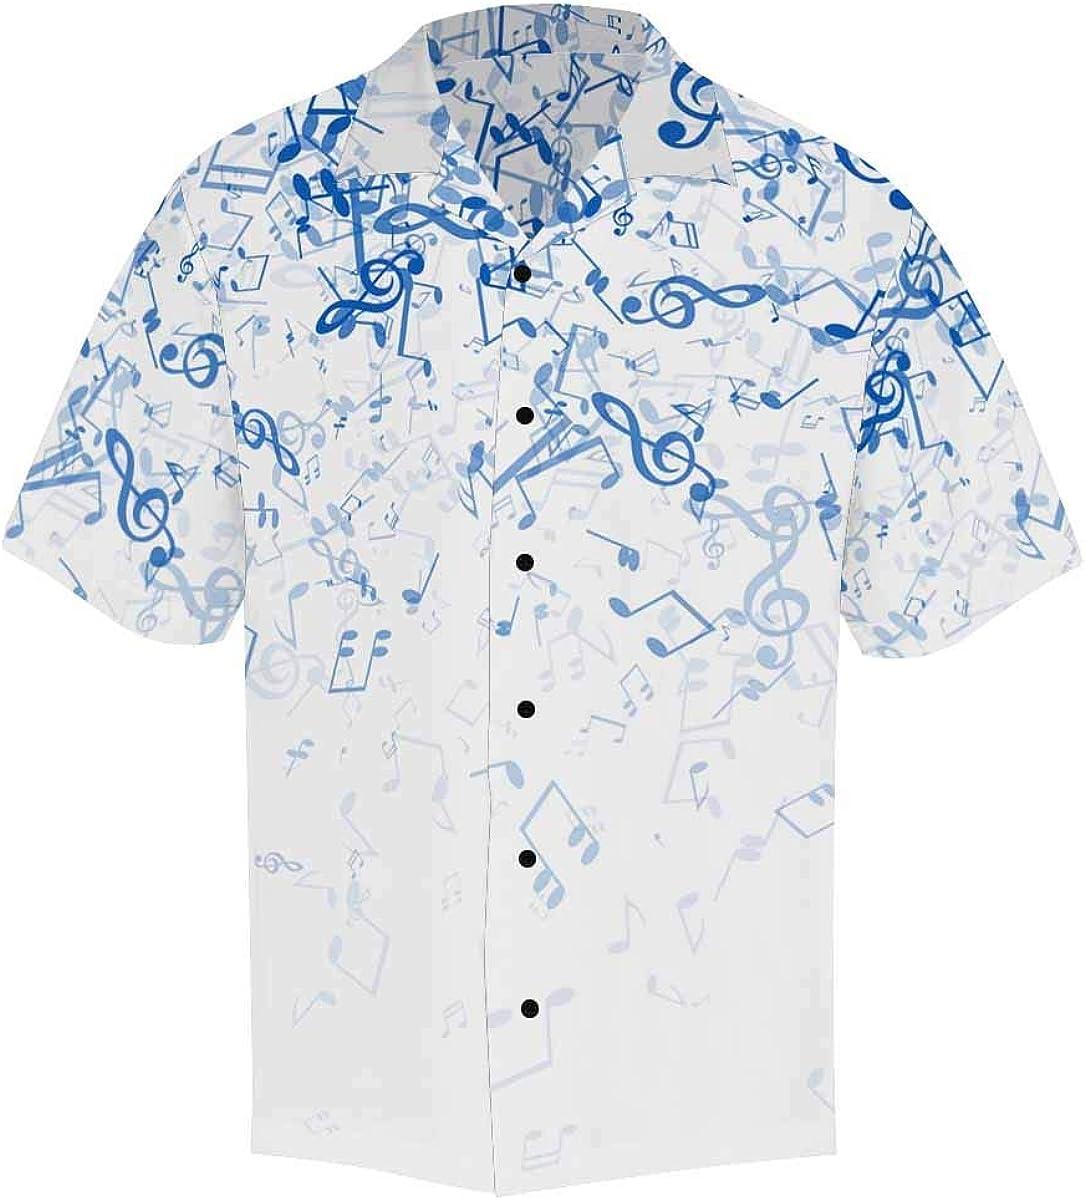 InterestPrint Men's Casual Button Down Short Sleeve Pair of Sneakers Hawaiian Shirt (S-5XL)